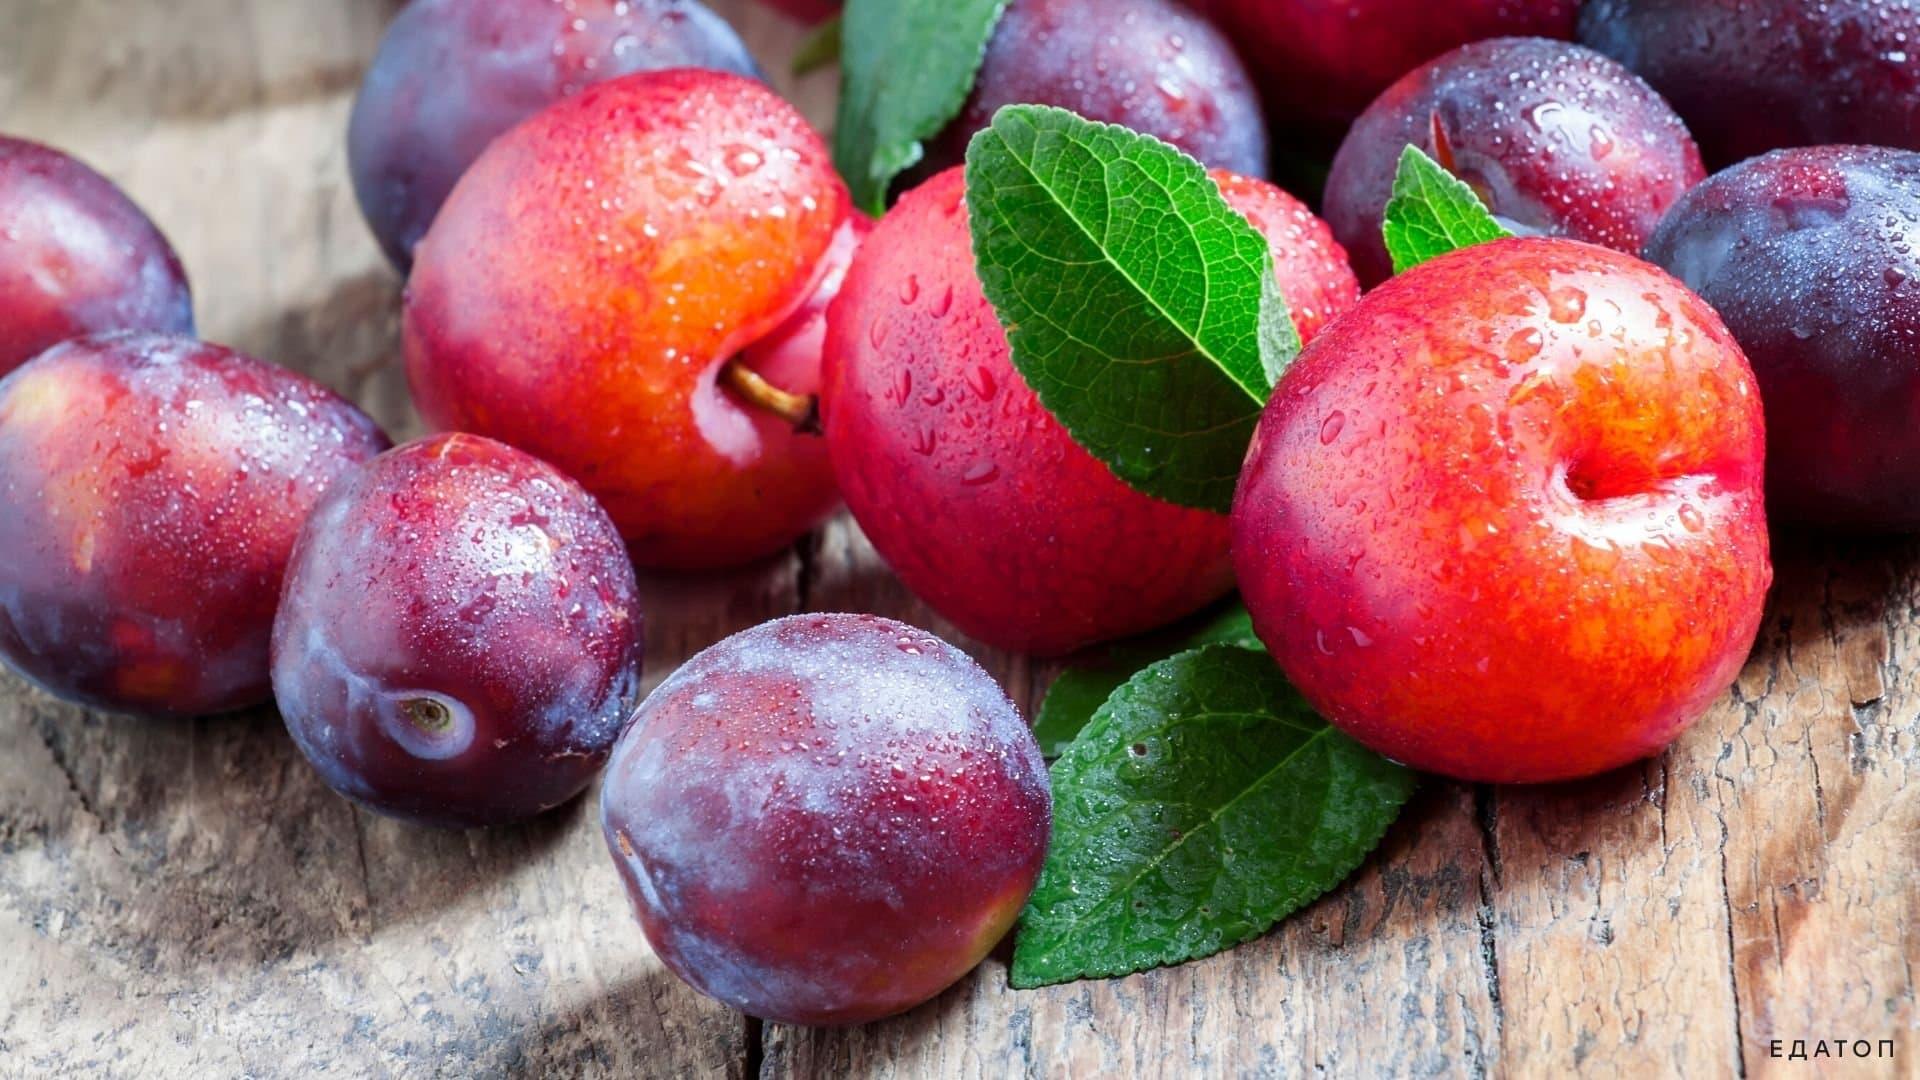 Сливы содержат витамины А, С и К, богаты антиоксидантами.